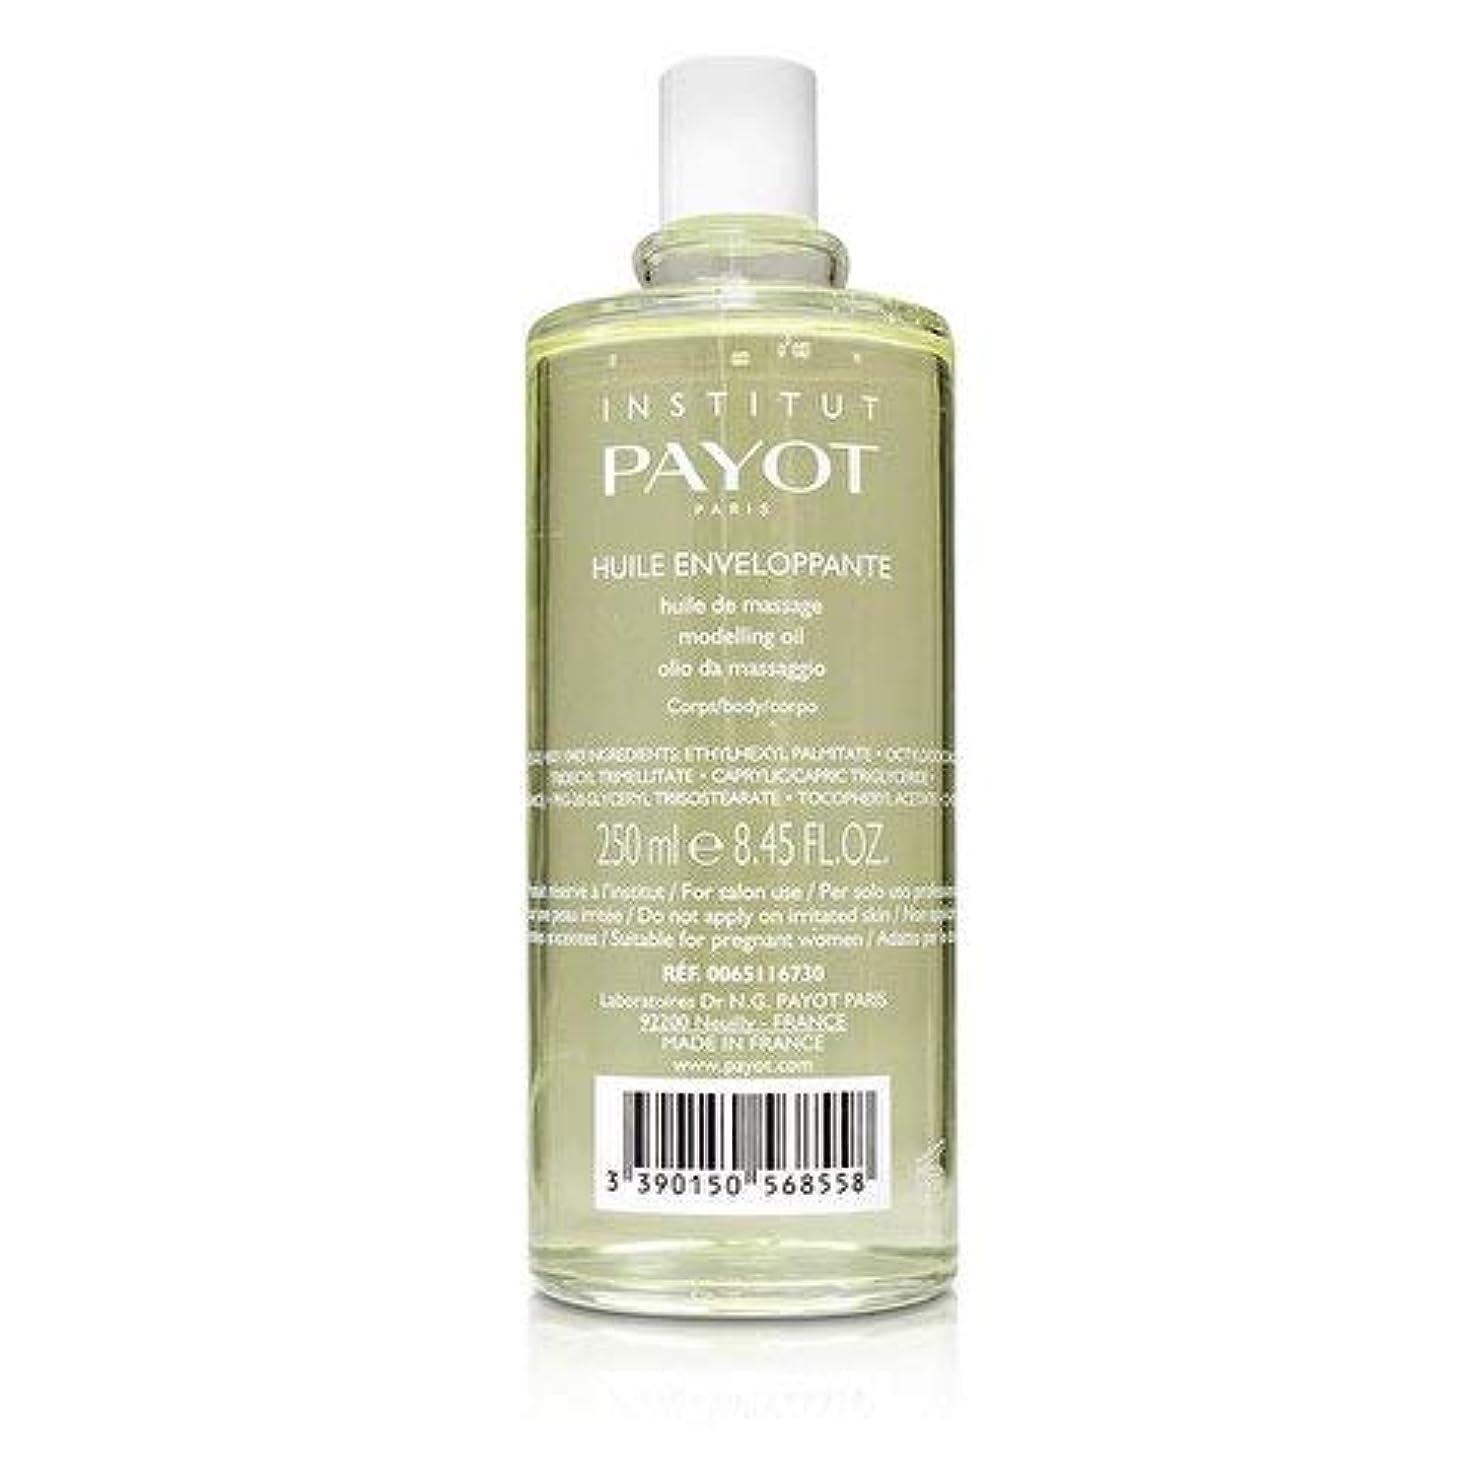 セラー四回方向パイヨ Huile Enveloppante - Body Massage Oil (Orange Blossom & Rose) (Salon Product) 250ml/8.4oz並行輸入品